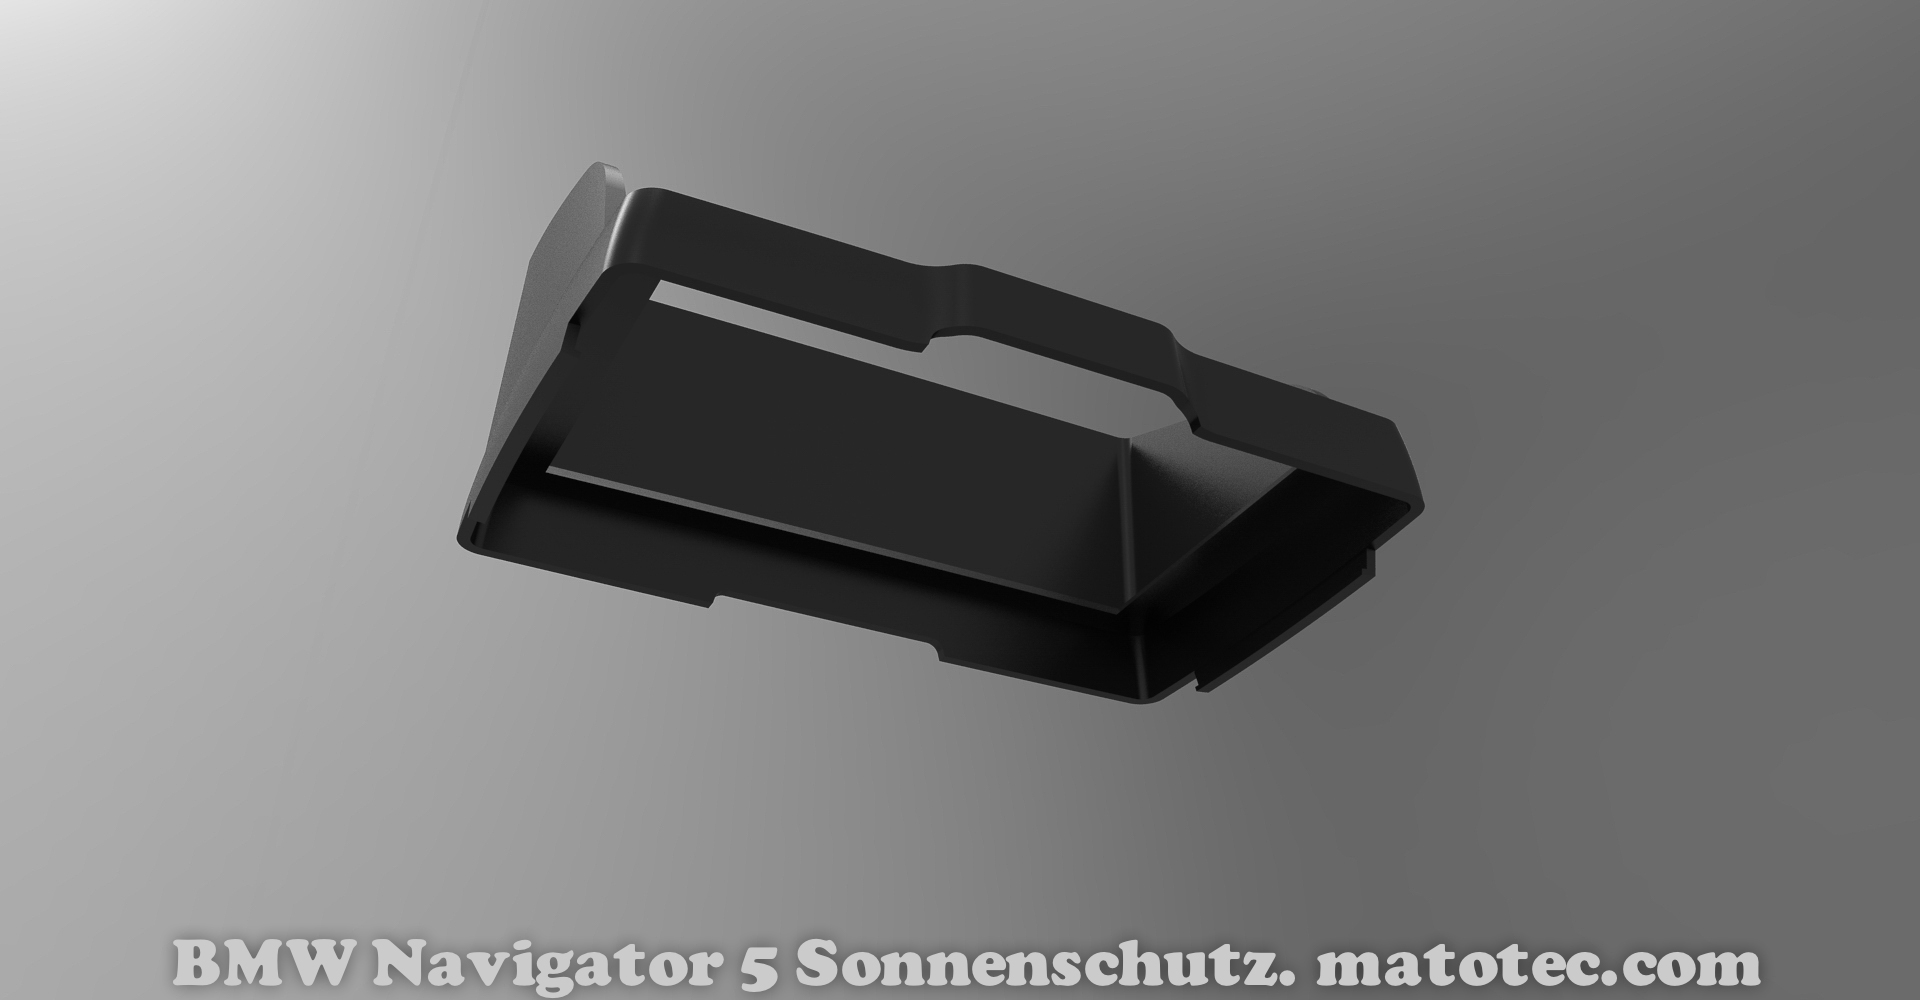 Klicke auf die Grafik für eine größere Ansicht  Name:Matotec_BMW_Nav5_7.jpg Hits:436 Größe:260,7 KB ID:185093